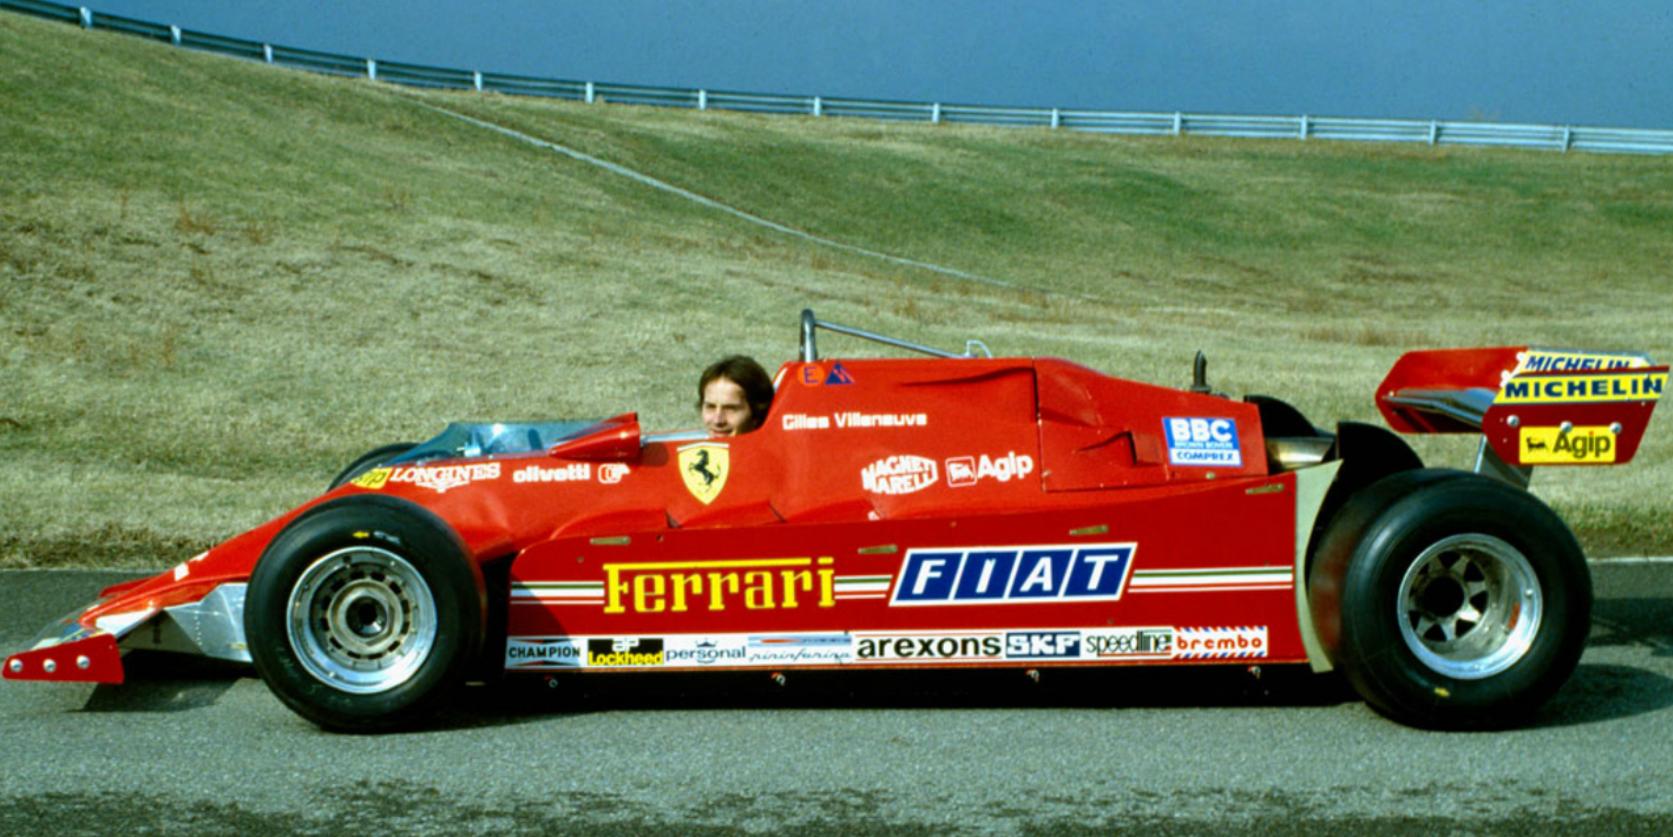 Gilles i Ferrari 126C, som ofte ble omtalt som et lastebilchassis med turbomotor. Allikevel tok Villeneuve sine to mest imponerende seire i den. Foto: Ferrari